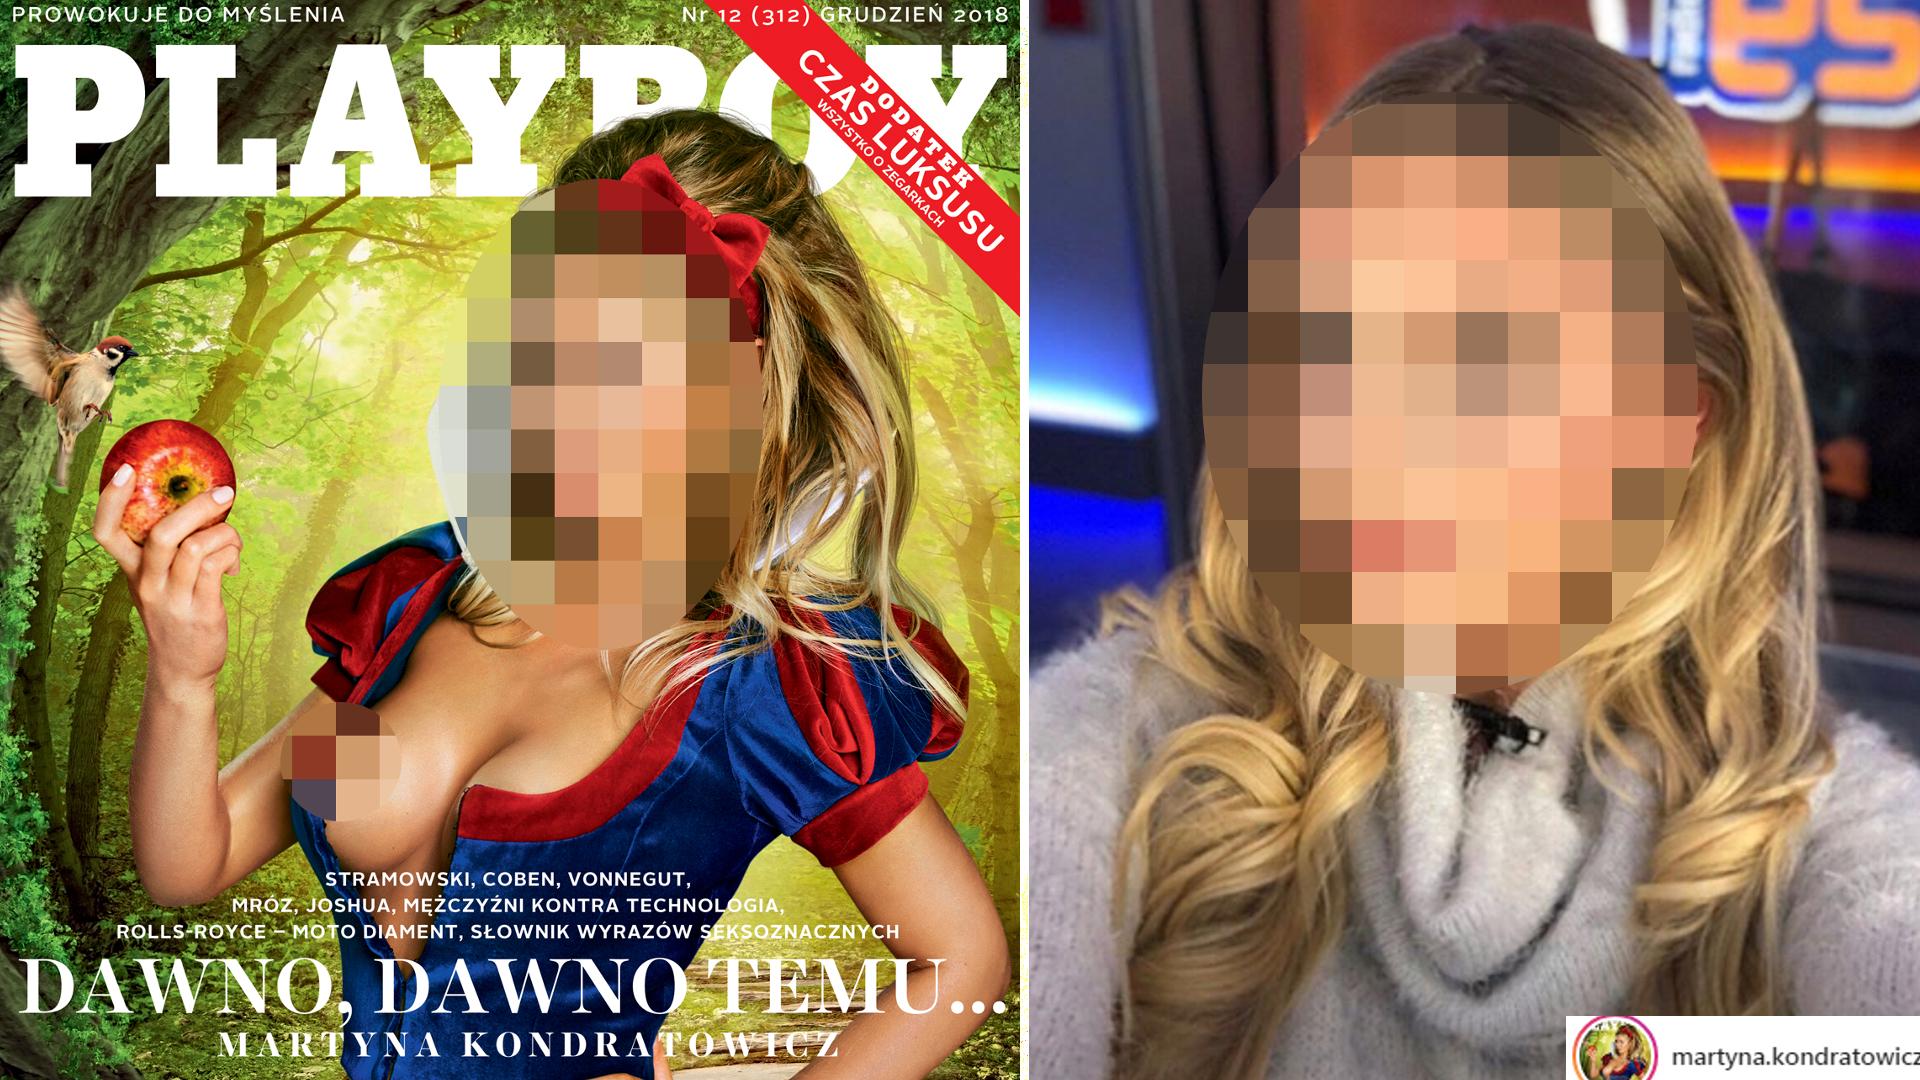 Prezenterka TV rozebrała się w Playboyu! To nie jest zwykła sesja!